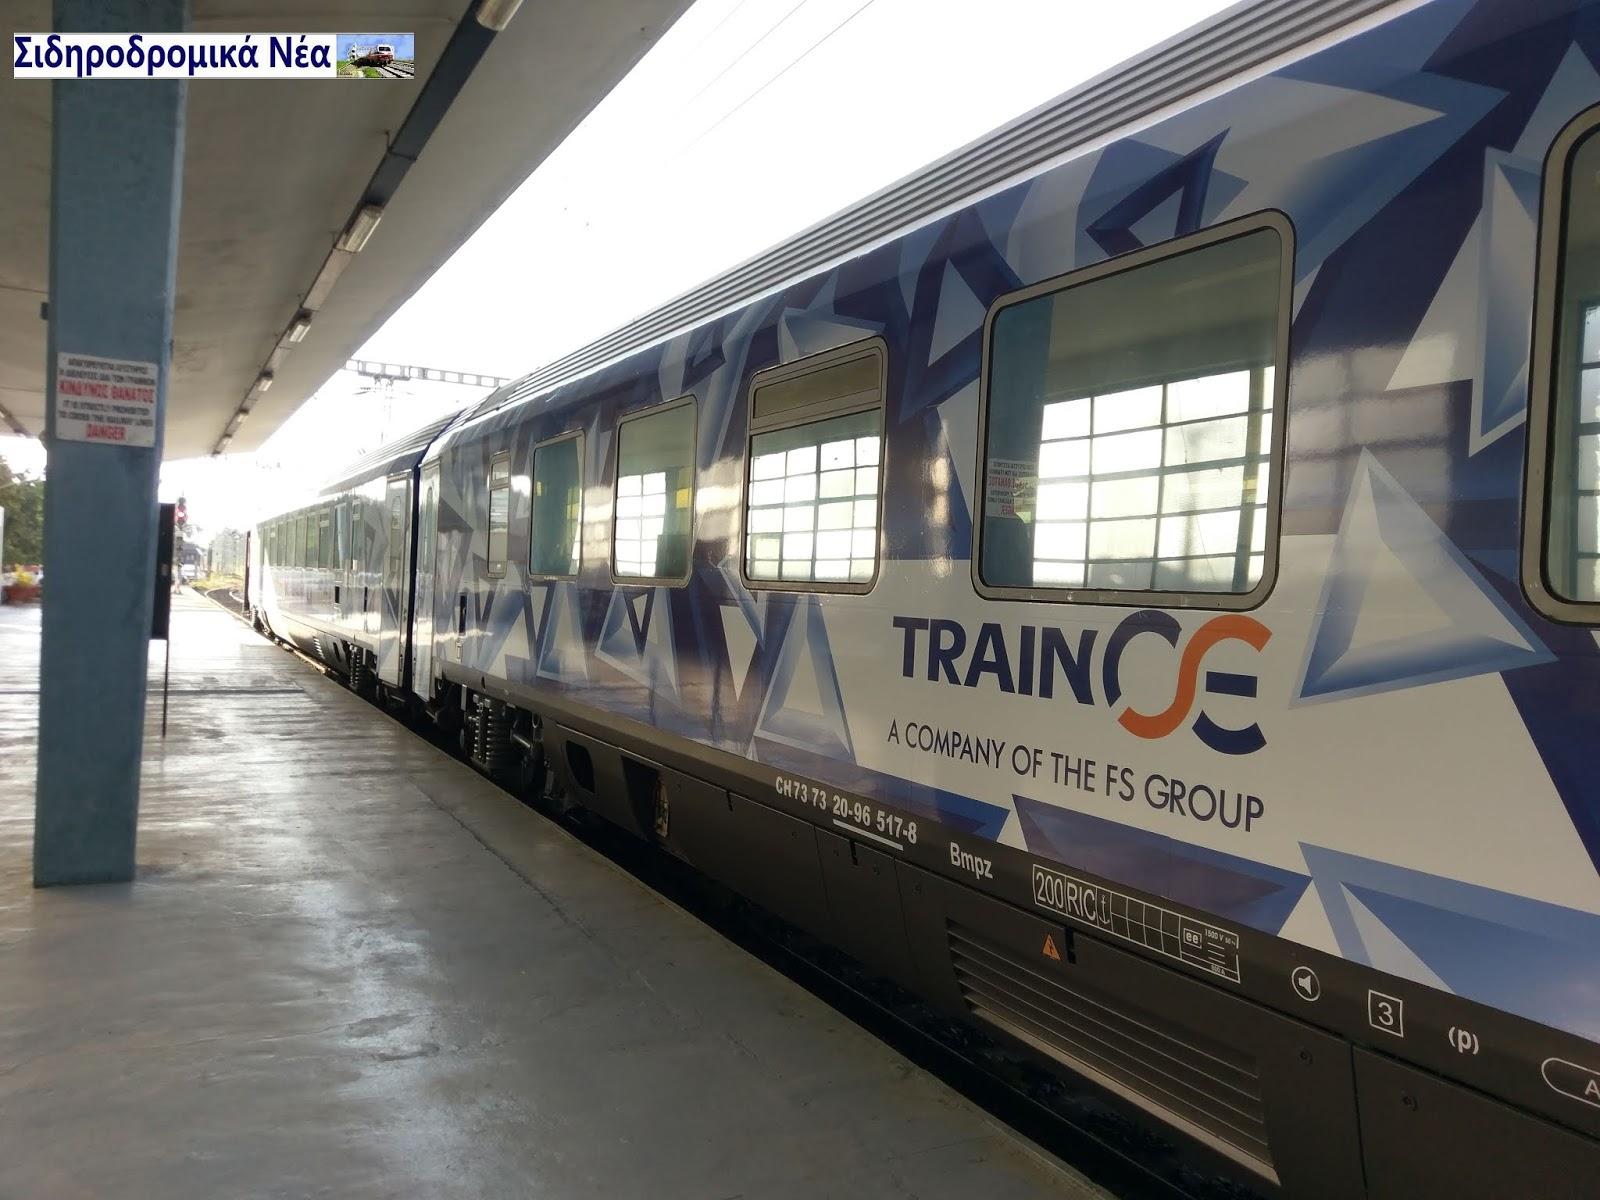 Διακόπτεται μέχρι νεοτέρας η σιδηροδρομική κυκλοφορία μεταξύ Αλεξανδρούπολης και Ορμένιου. - Φωτογραφία 1